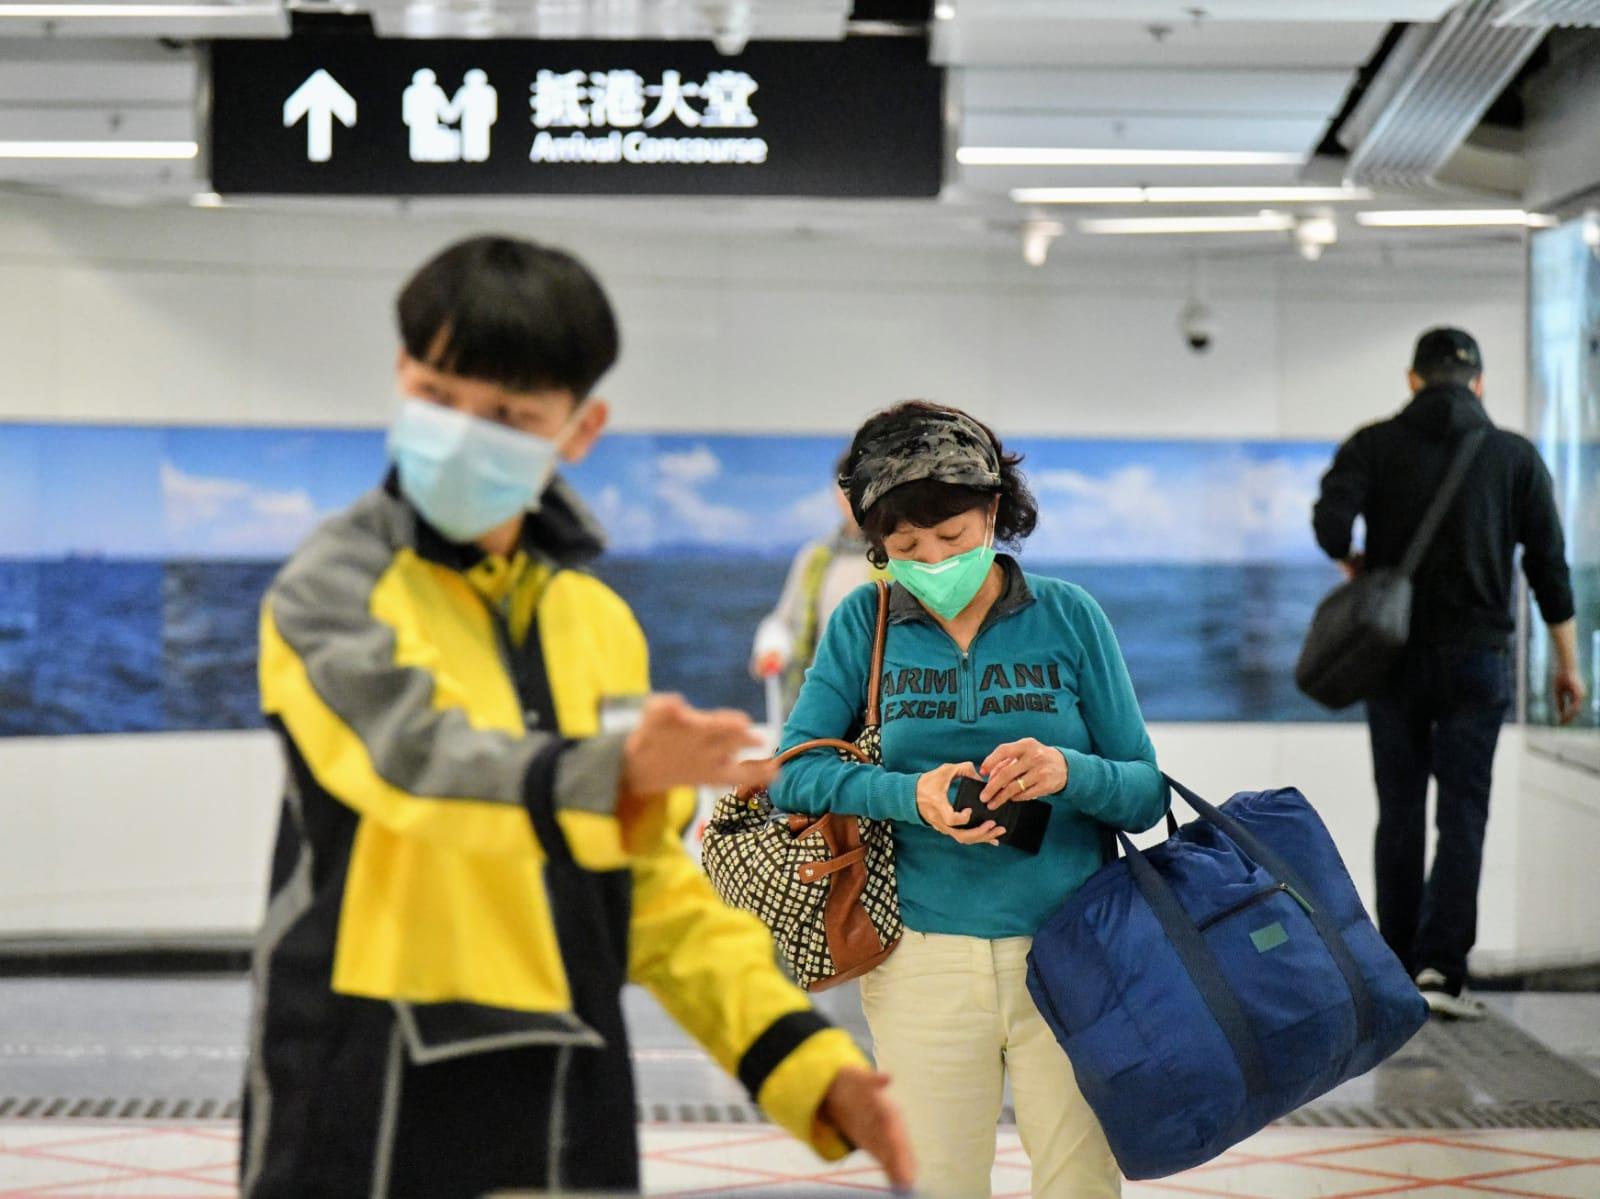 【新冠肺炎】港铁:已购高铁车票来往武汉乘客 如需退票将获全数退款